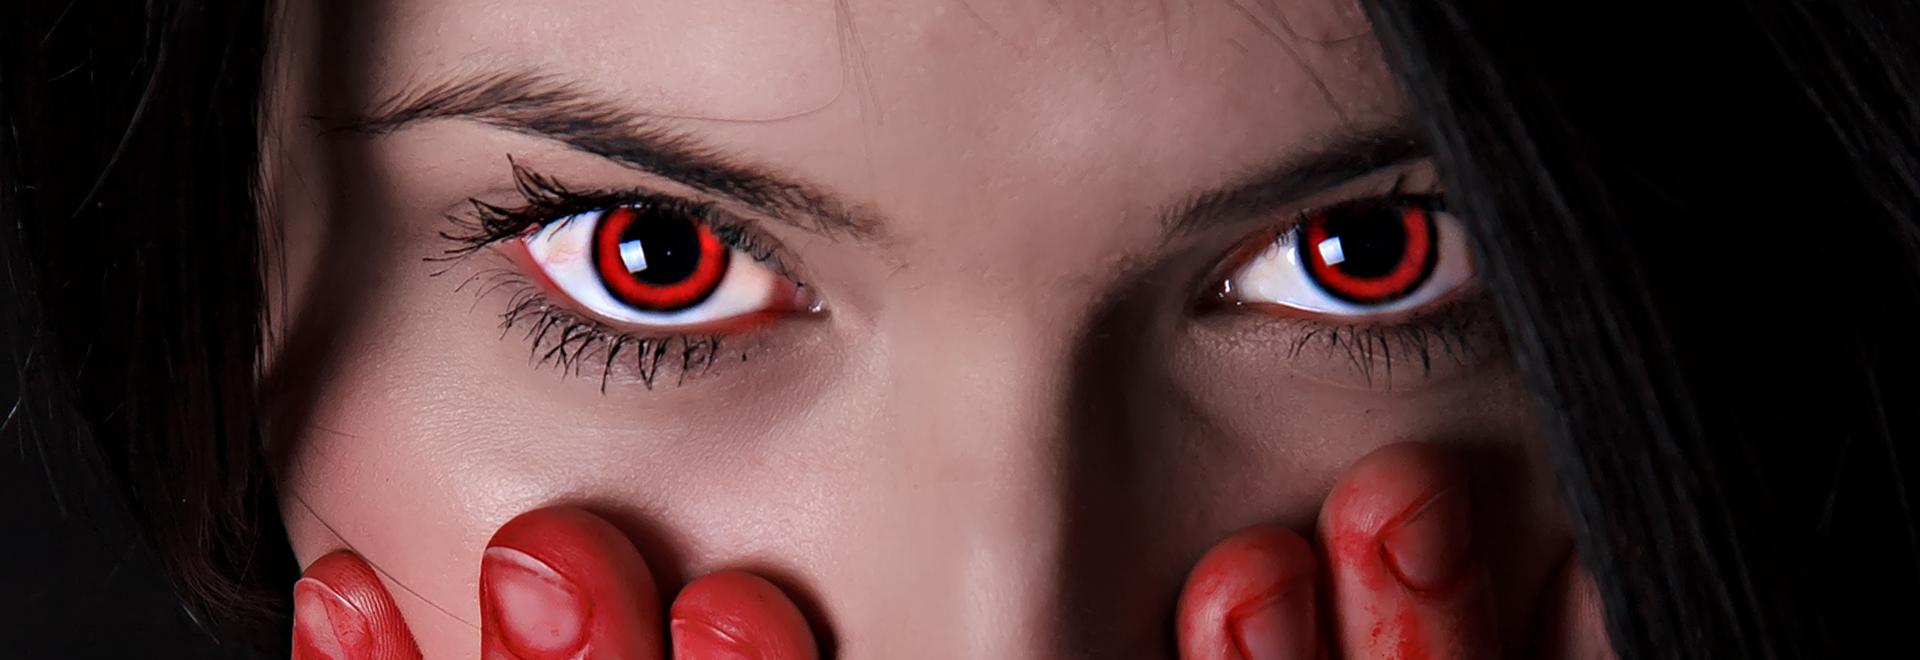 Rote Vampir Kontaktlinsen in Top Qualität von Funnylens.de